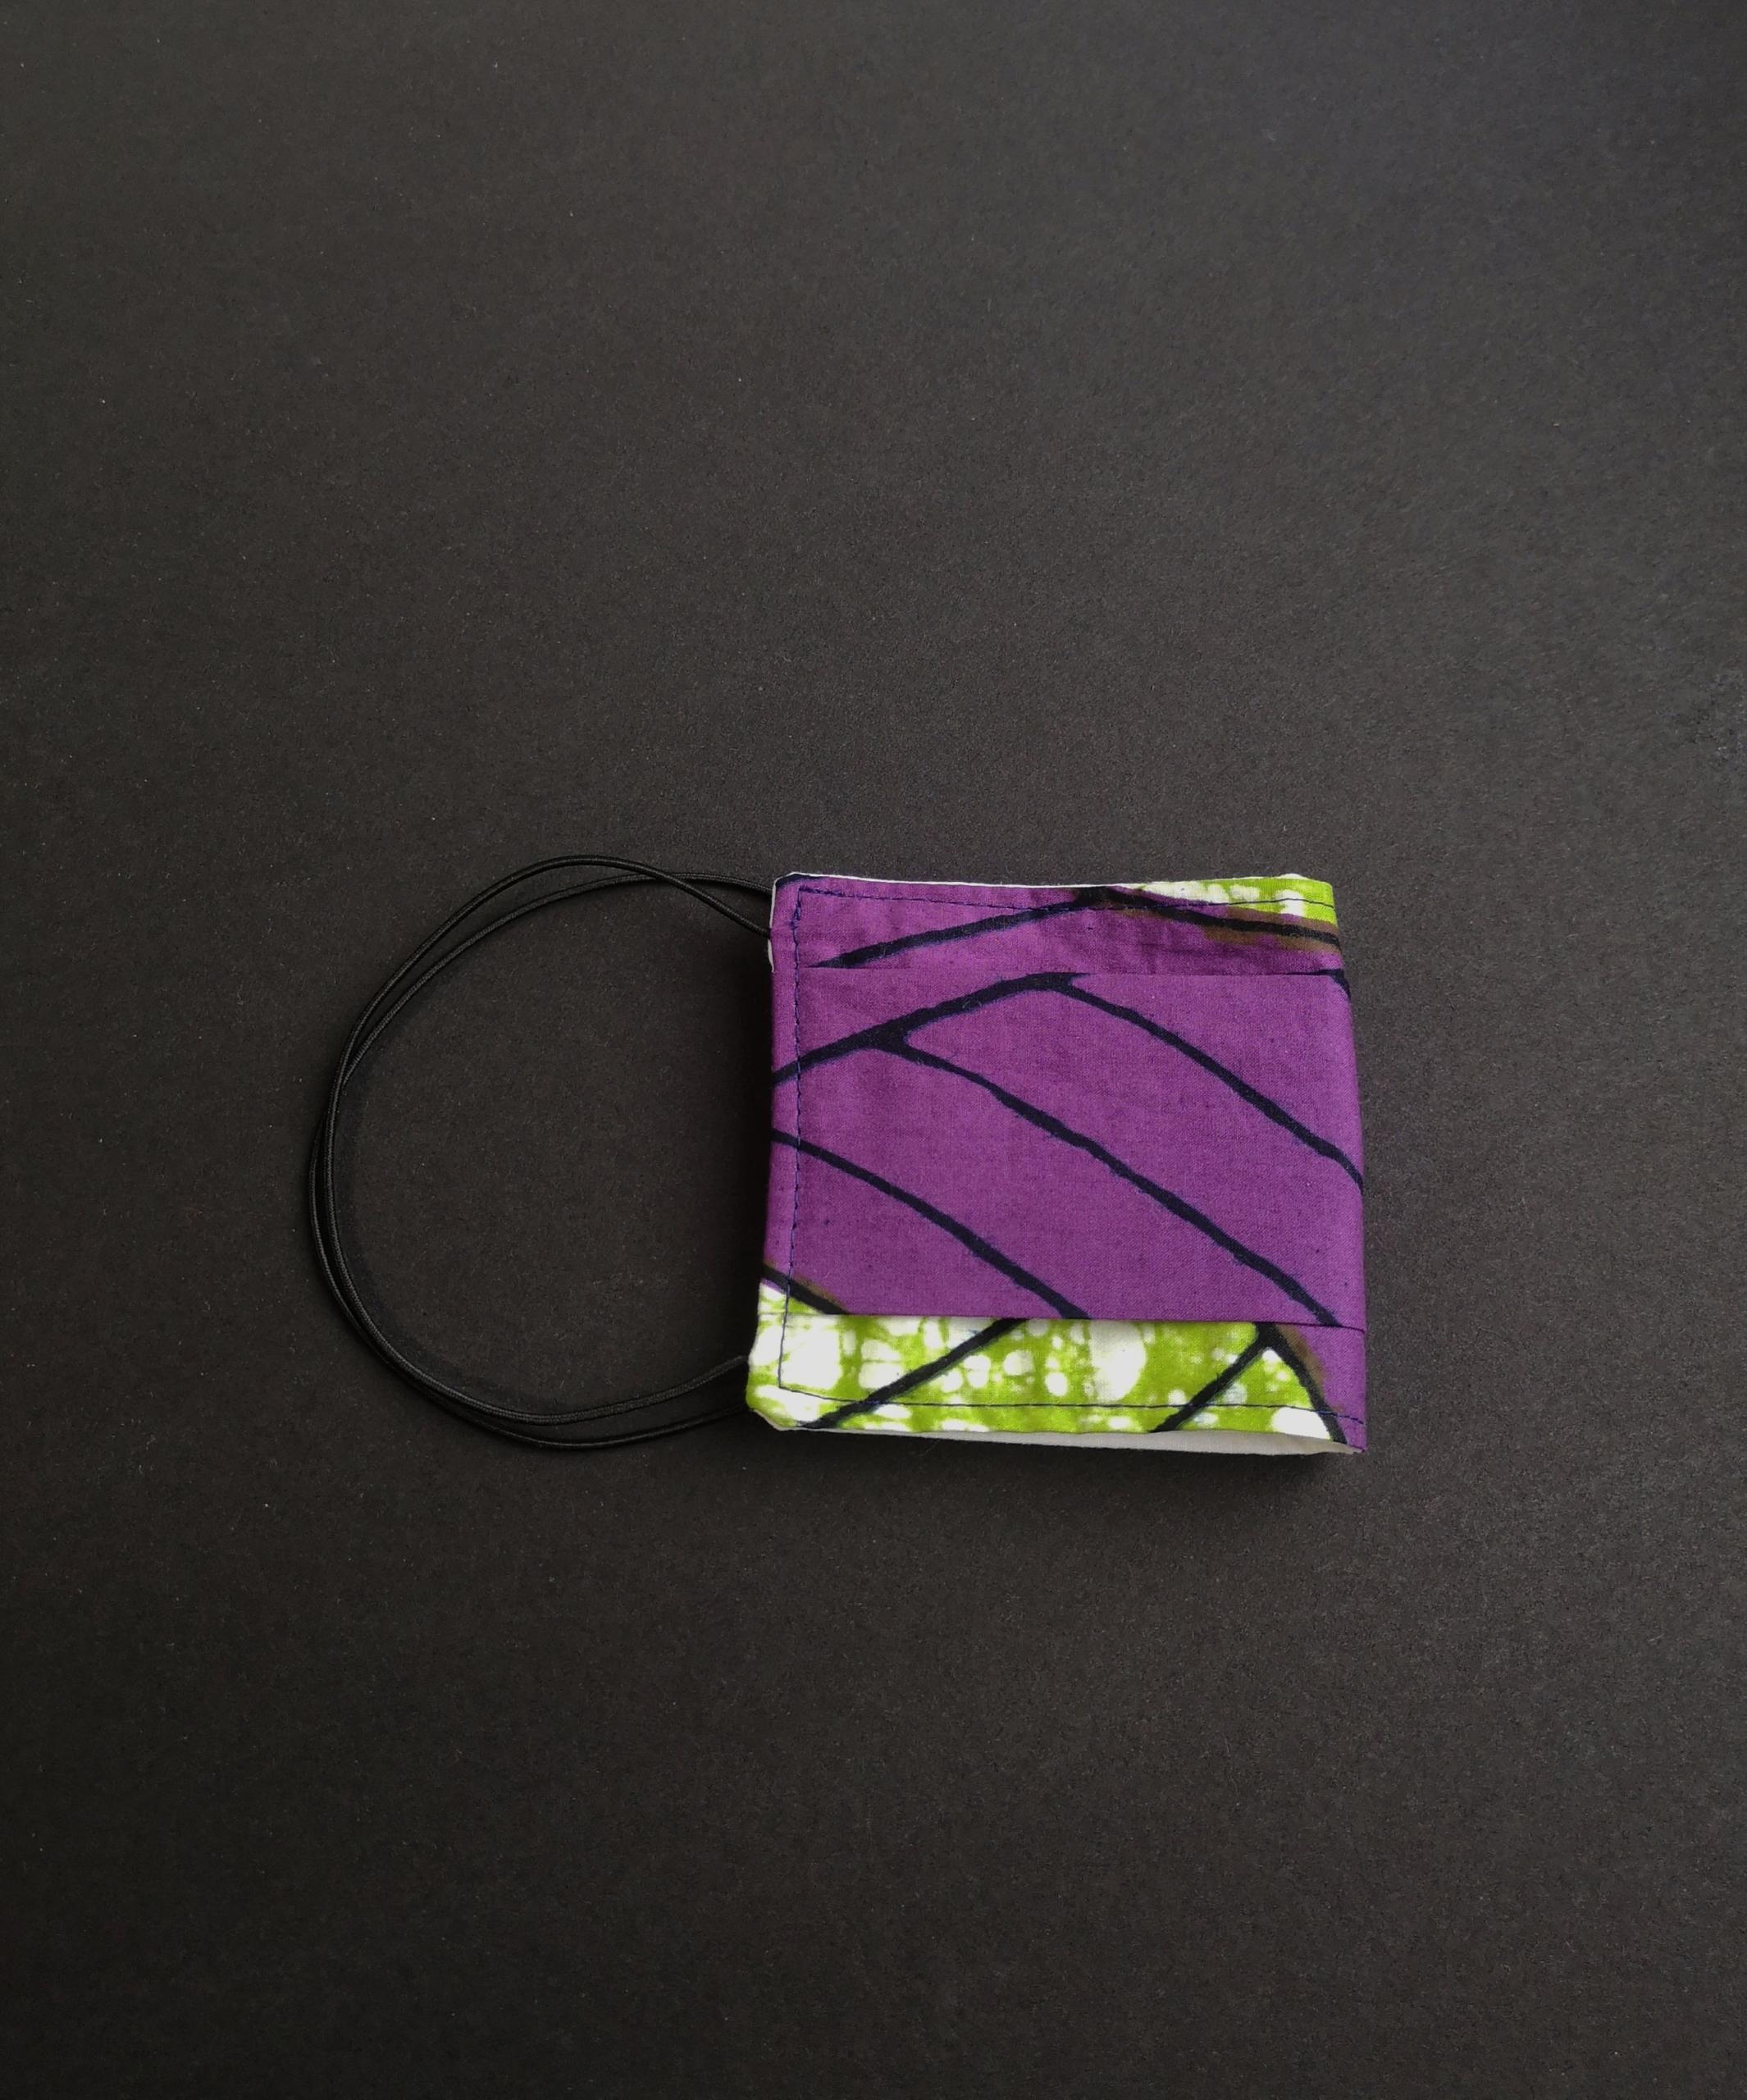 masque en tissu lavable et réutilisable violet dikta